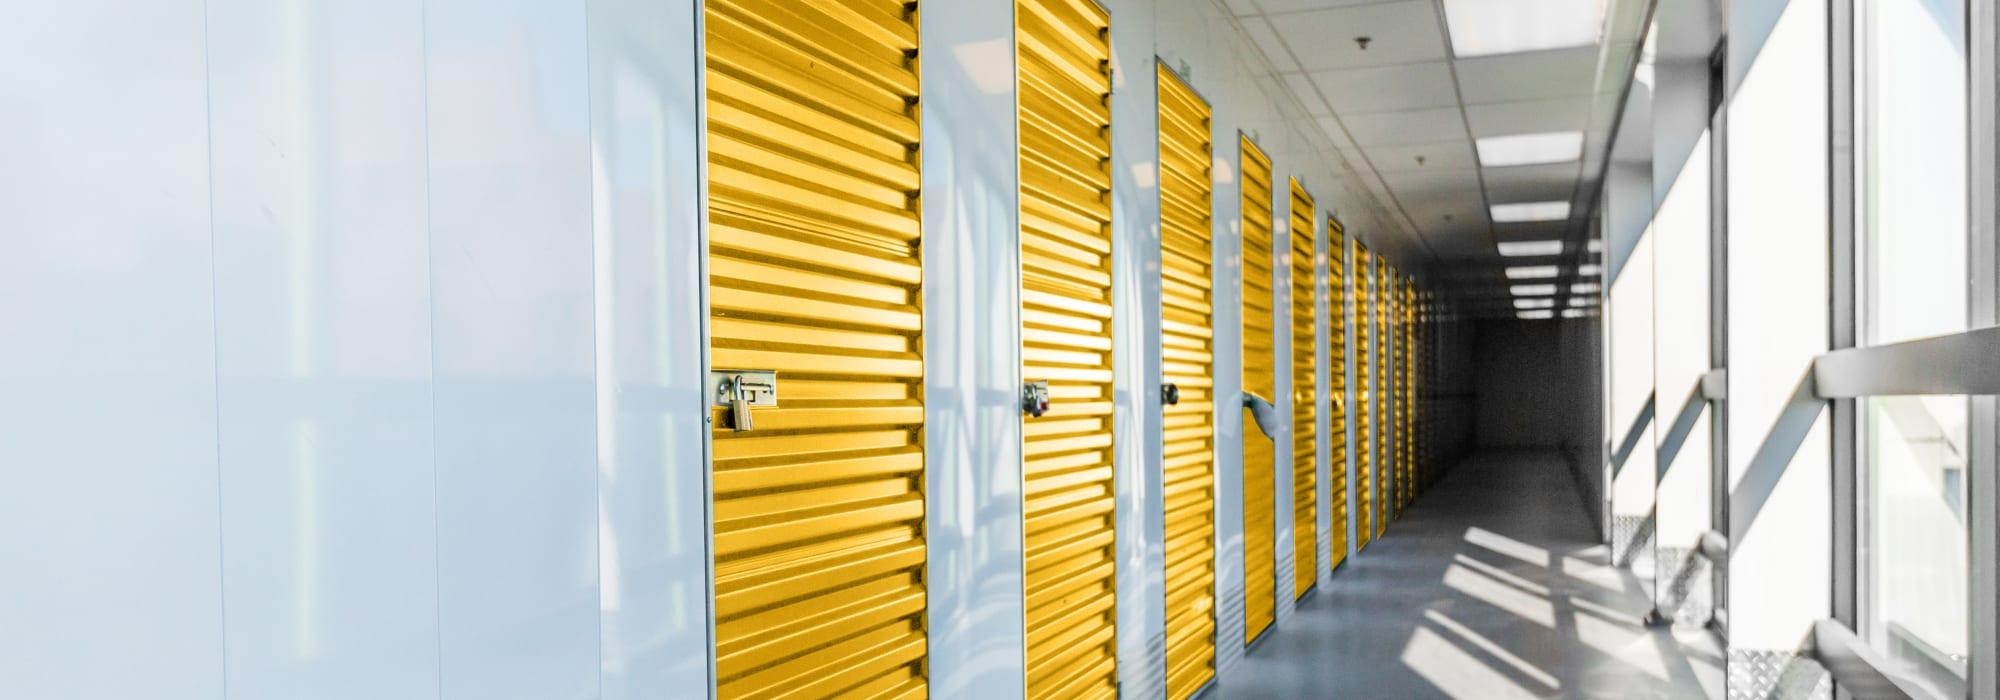 Storage 365 self storage in Garland, Texas